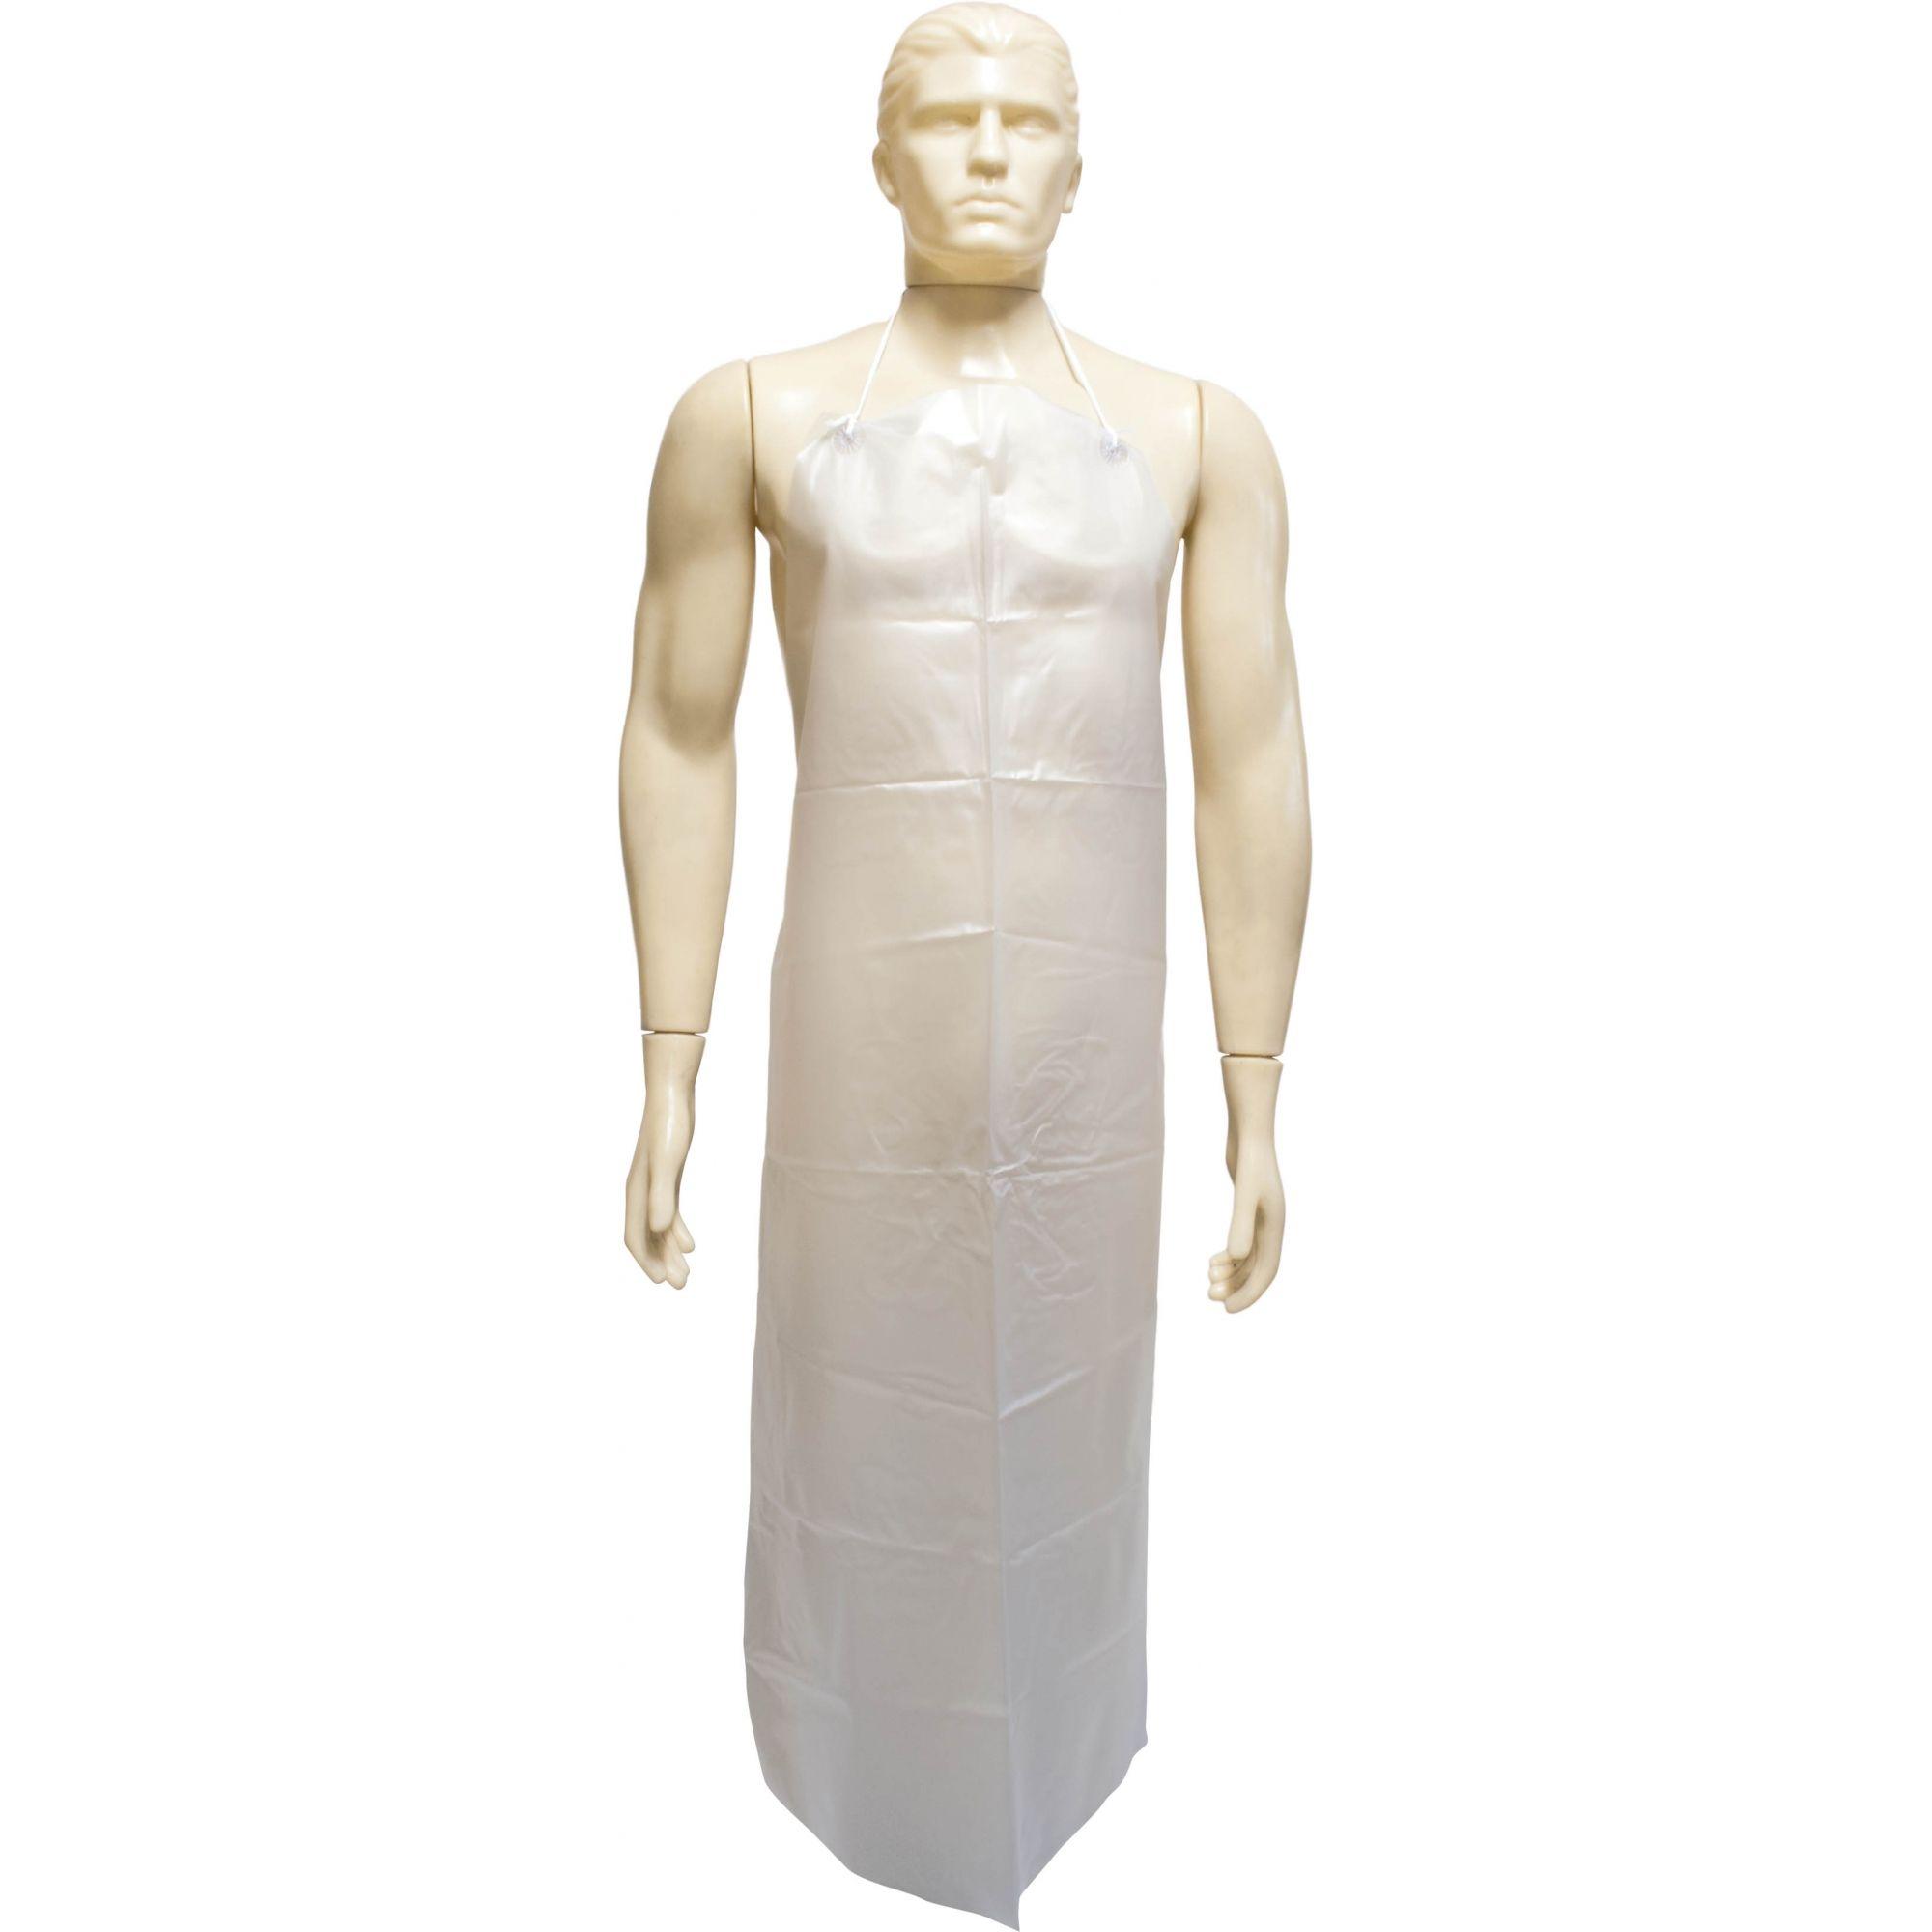 Avental PVC Transparente 1,20 X 0,70 - CA28444